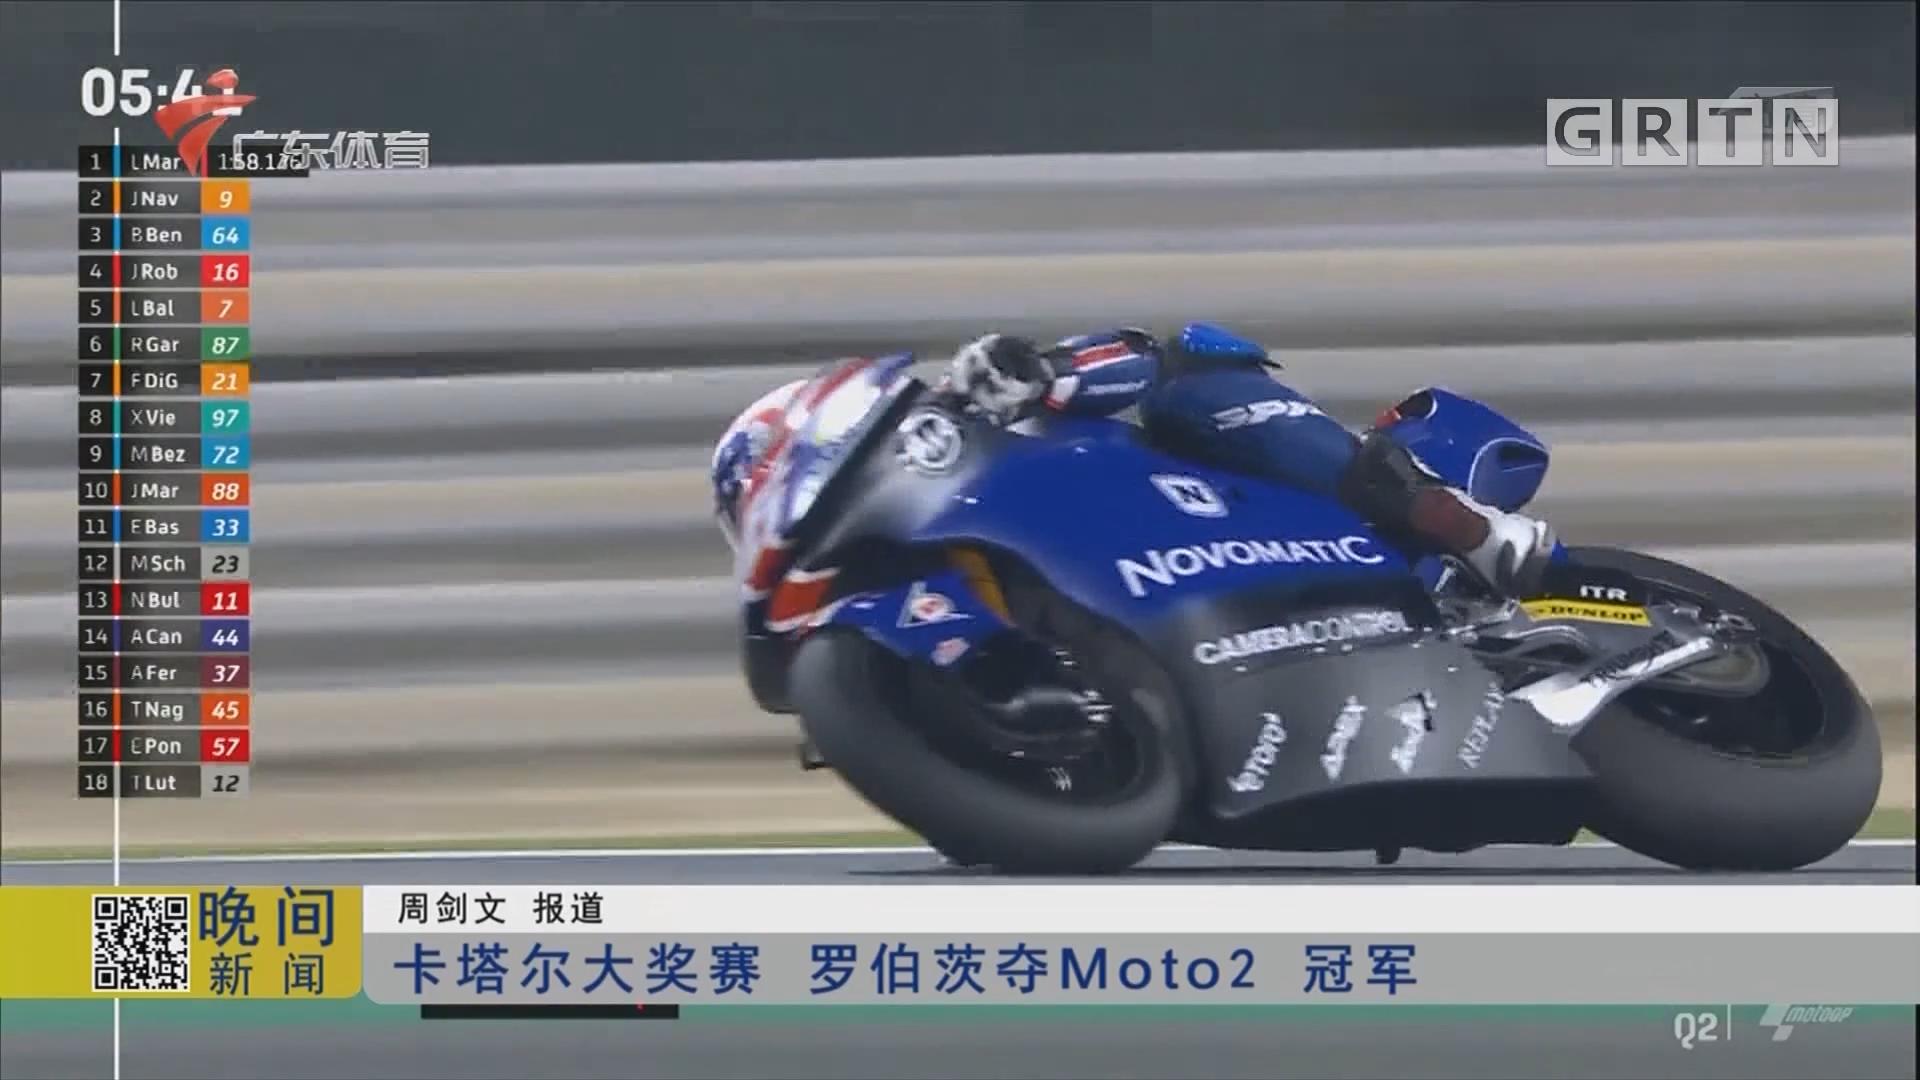 卡塔尔大奖赛 罗伯茨夺Moto2 冠军